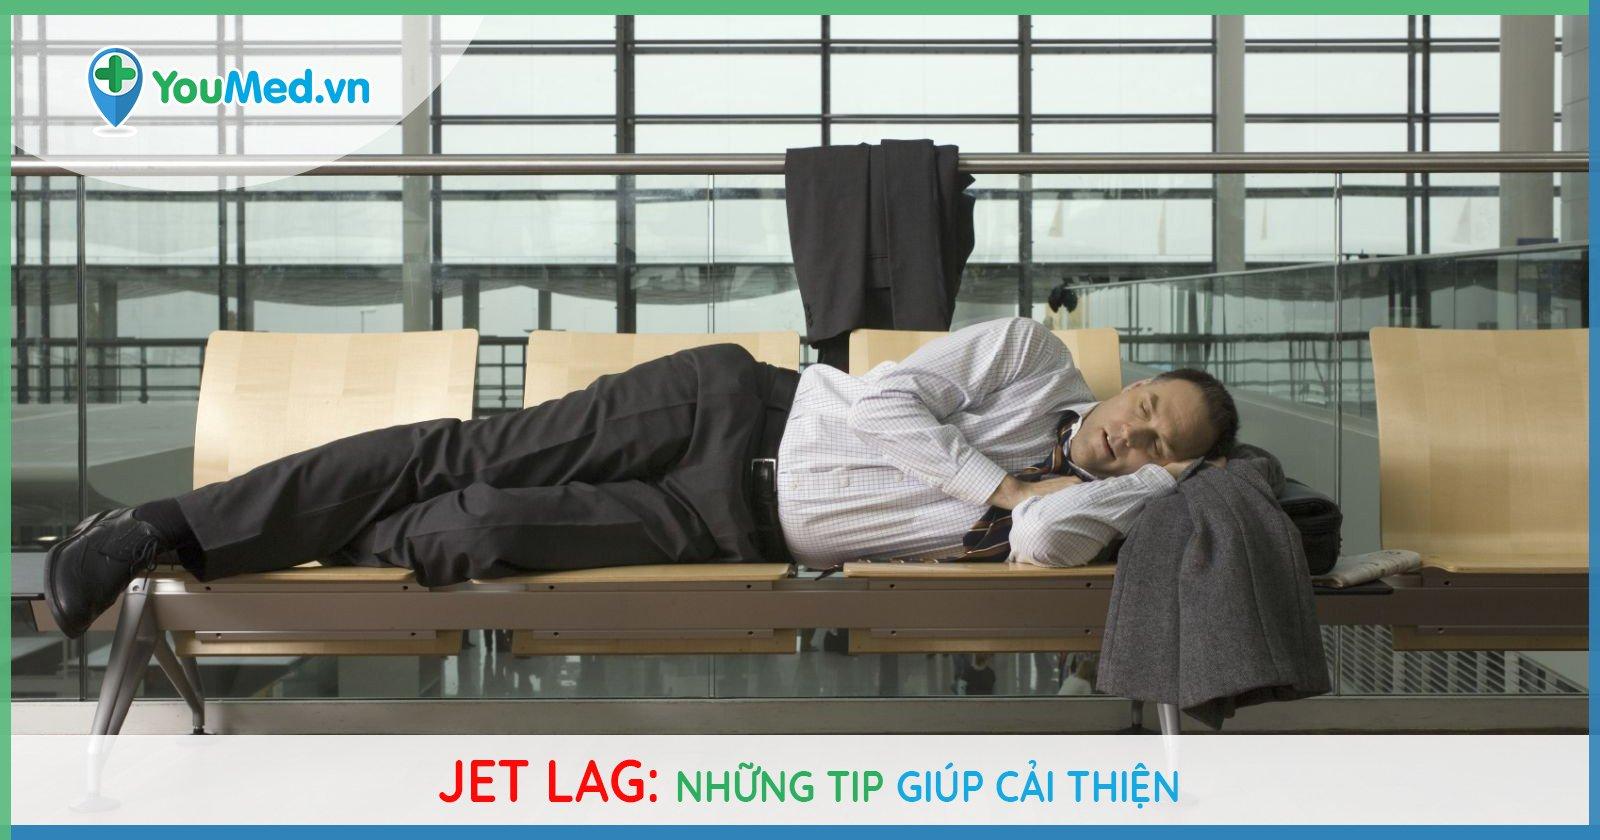 Jet lag: Những tip giúp cải thiện